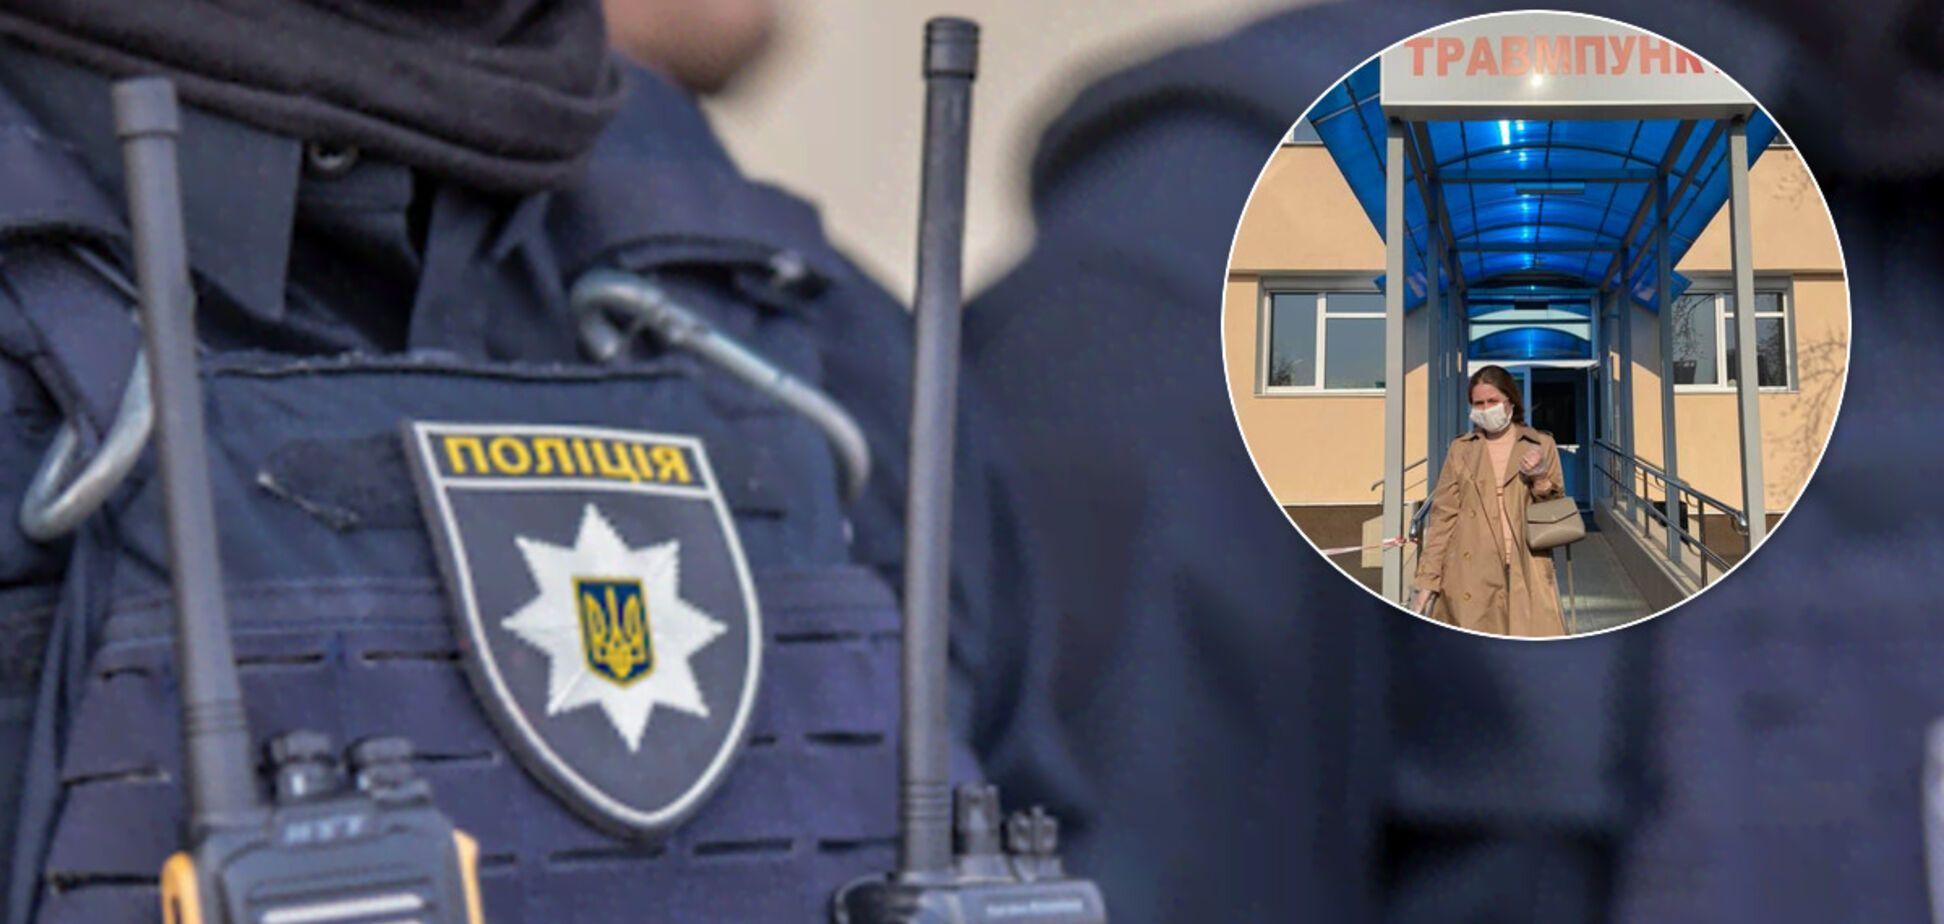 Поліція озвучила свою версію 'жорстокого затримання' дівчини у Києві